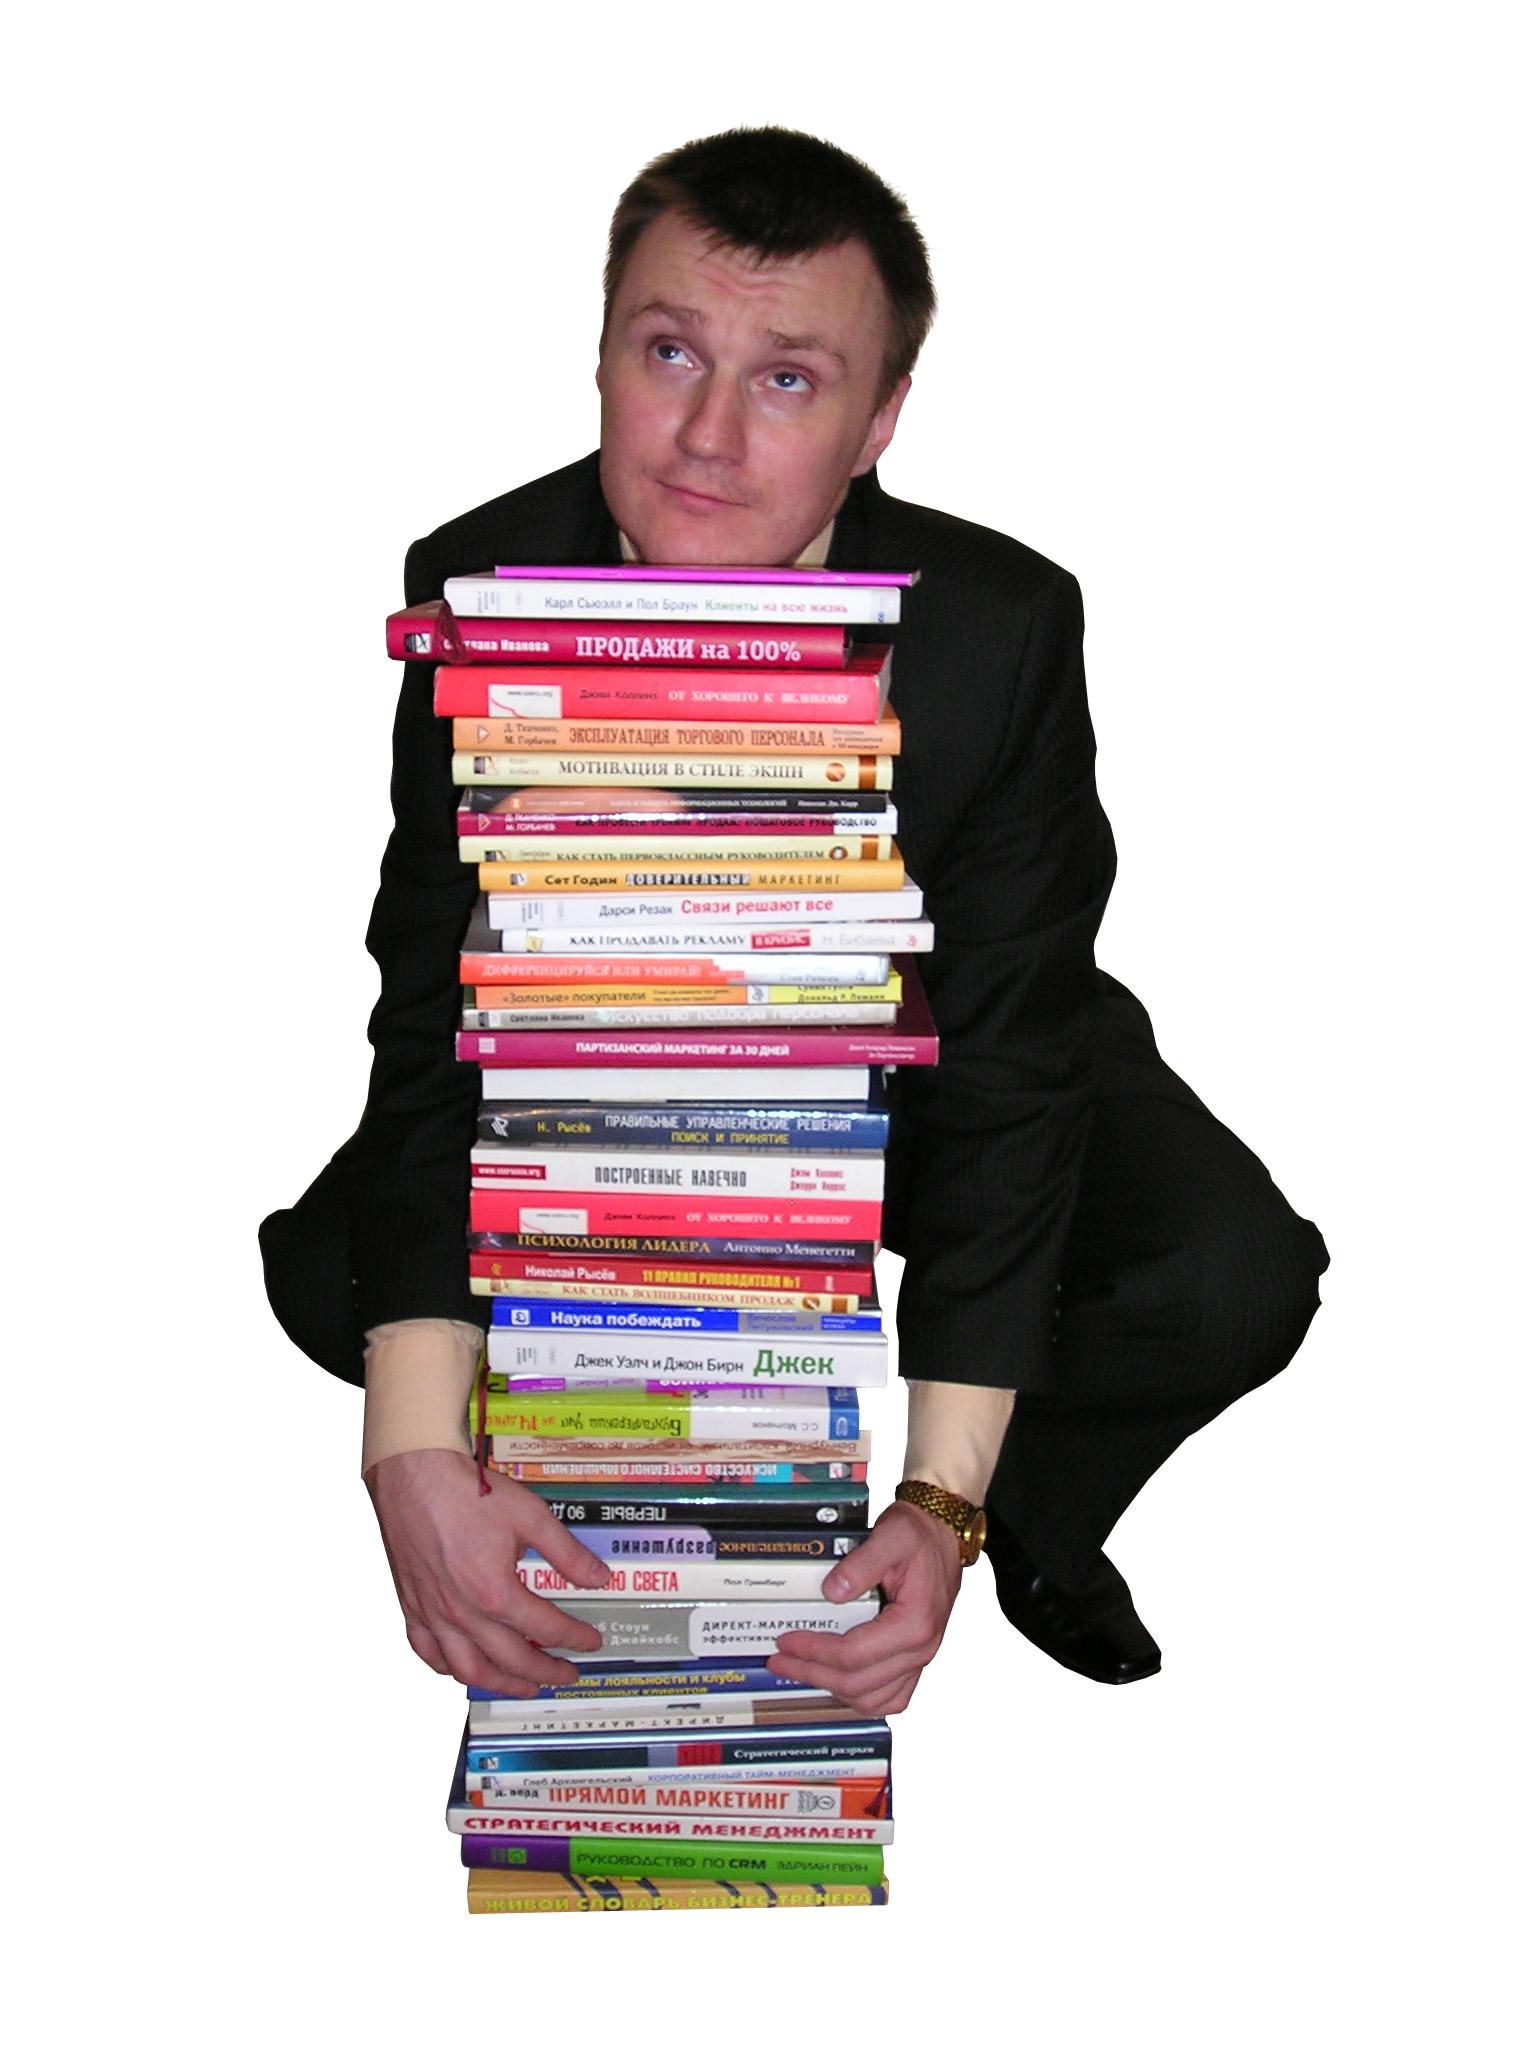 Список книг B2B продажи